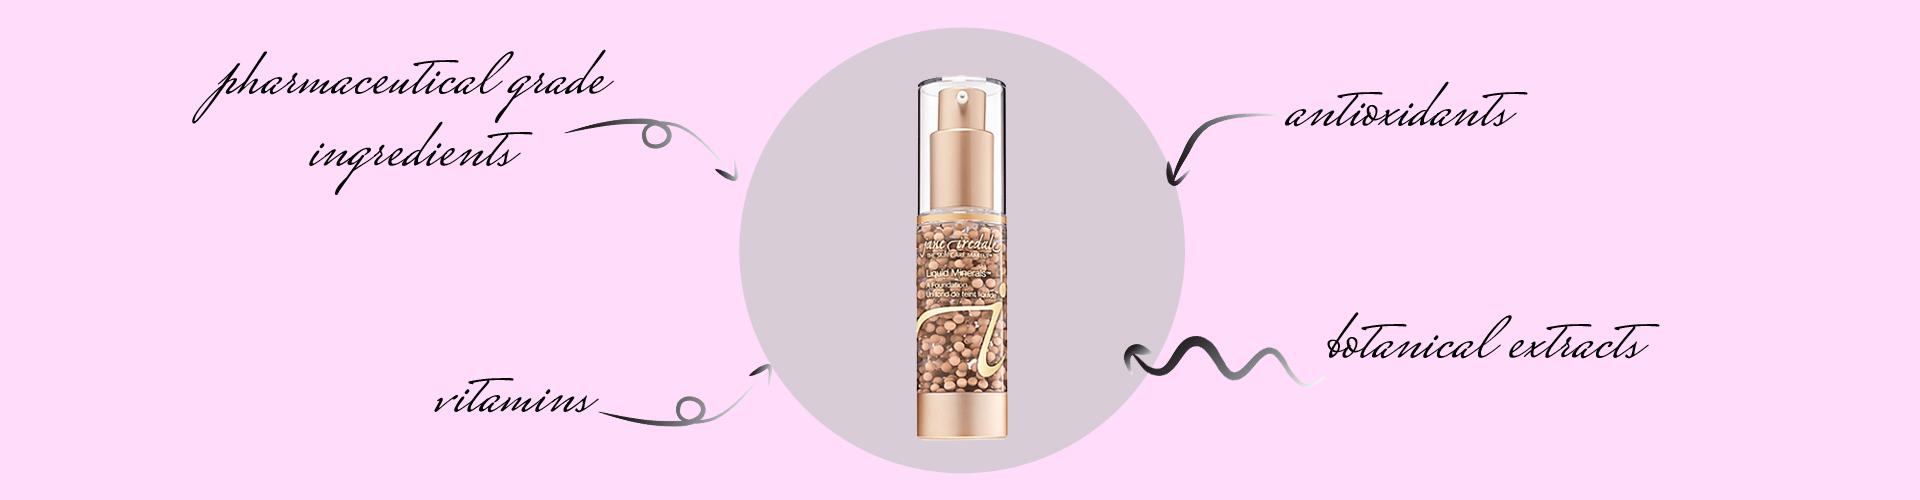 skincare makeup ingredients